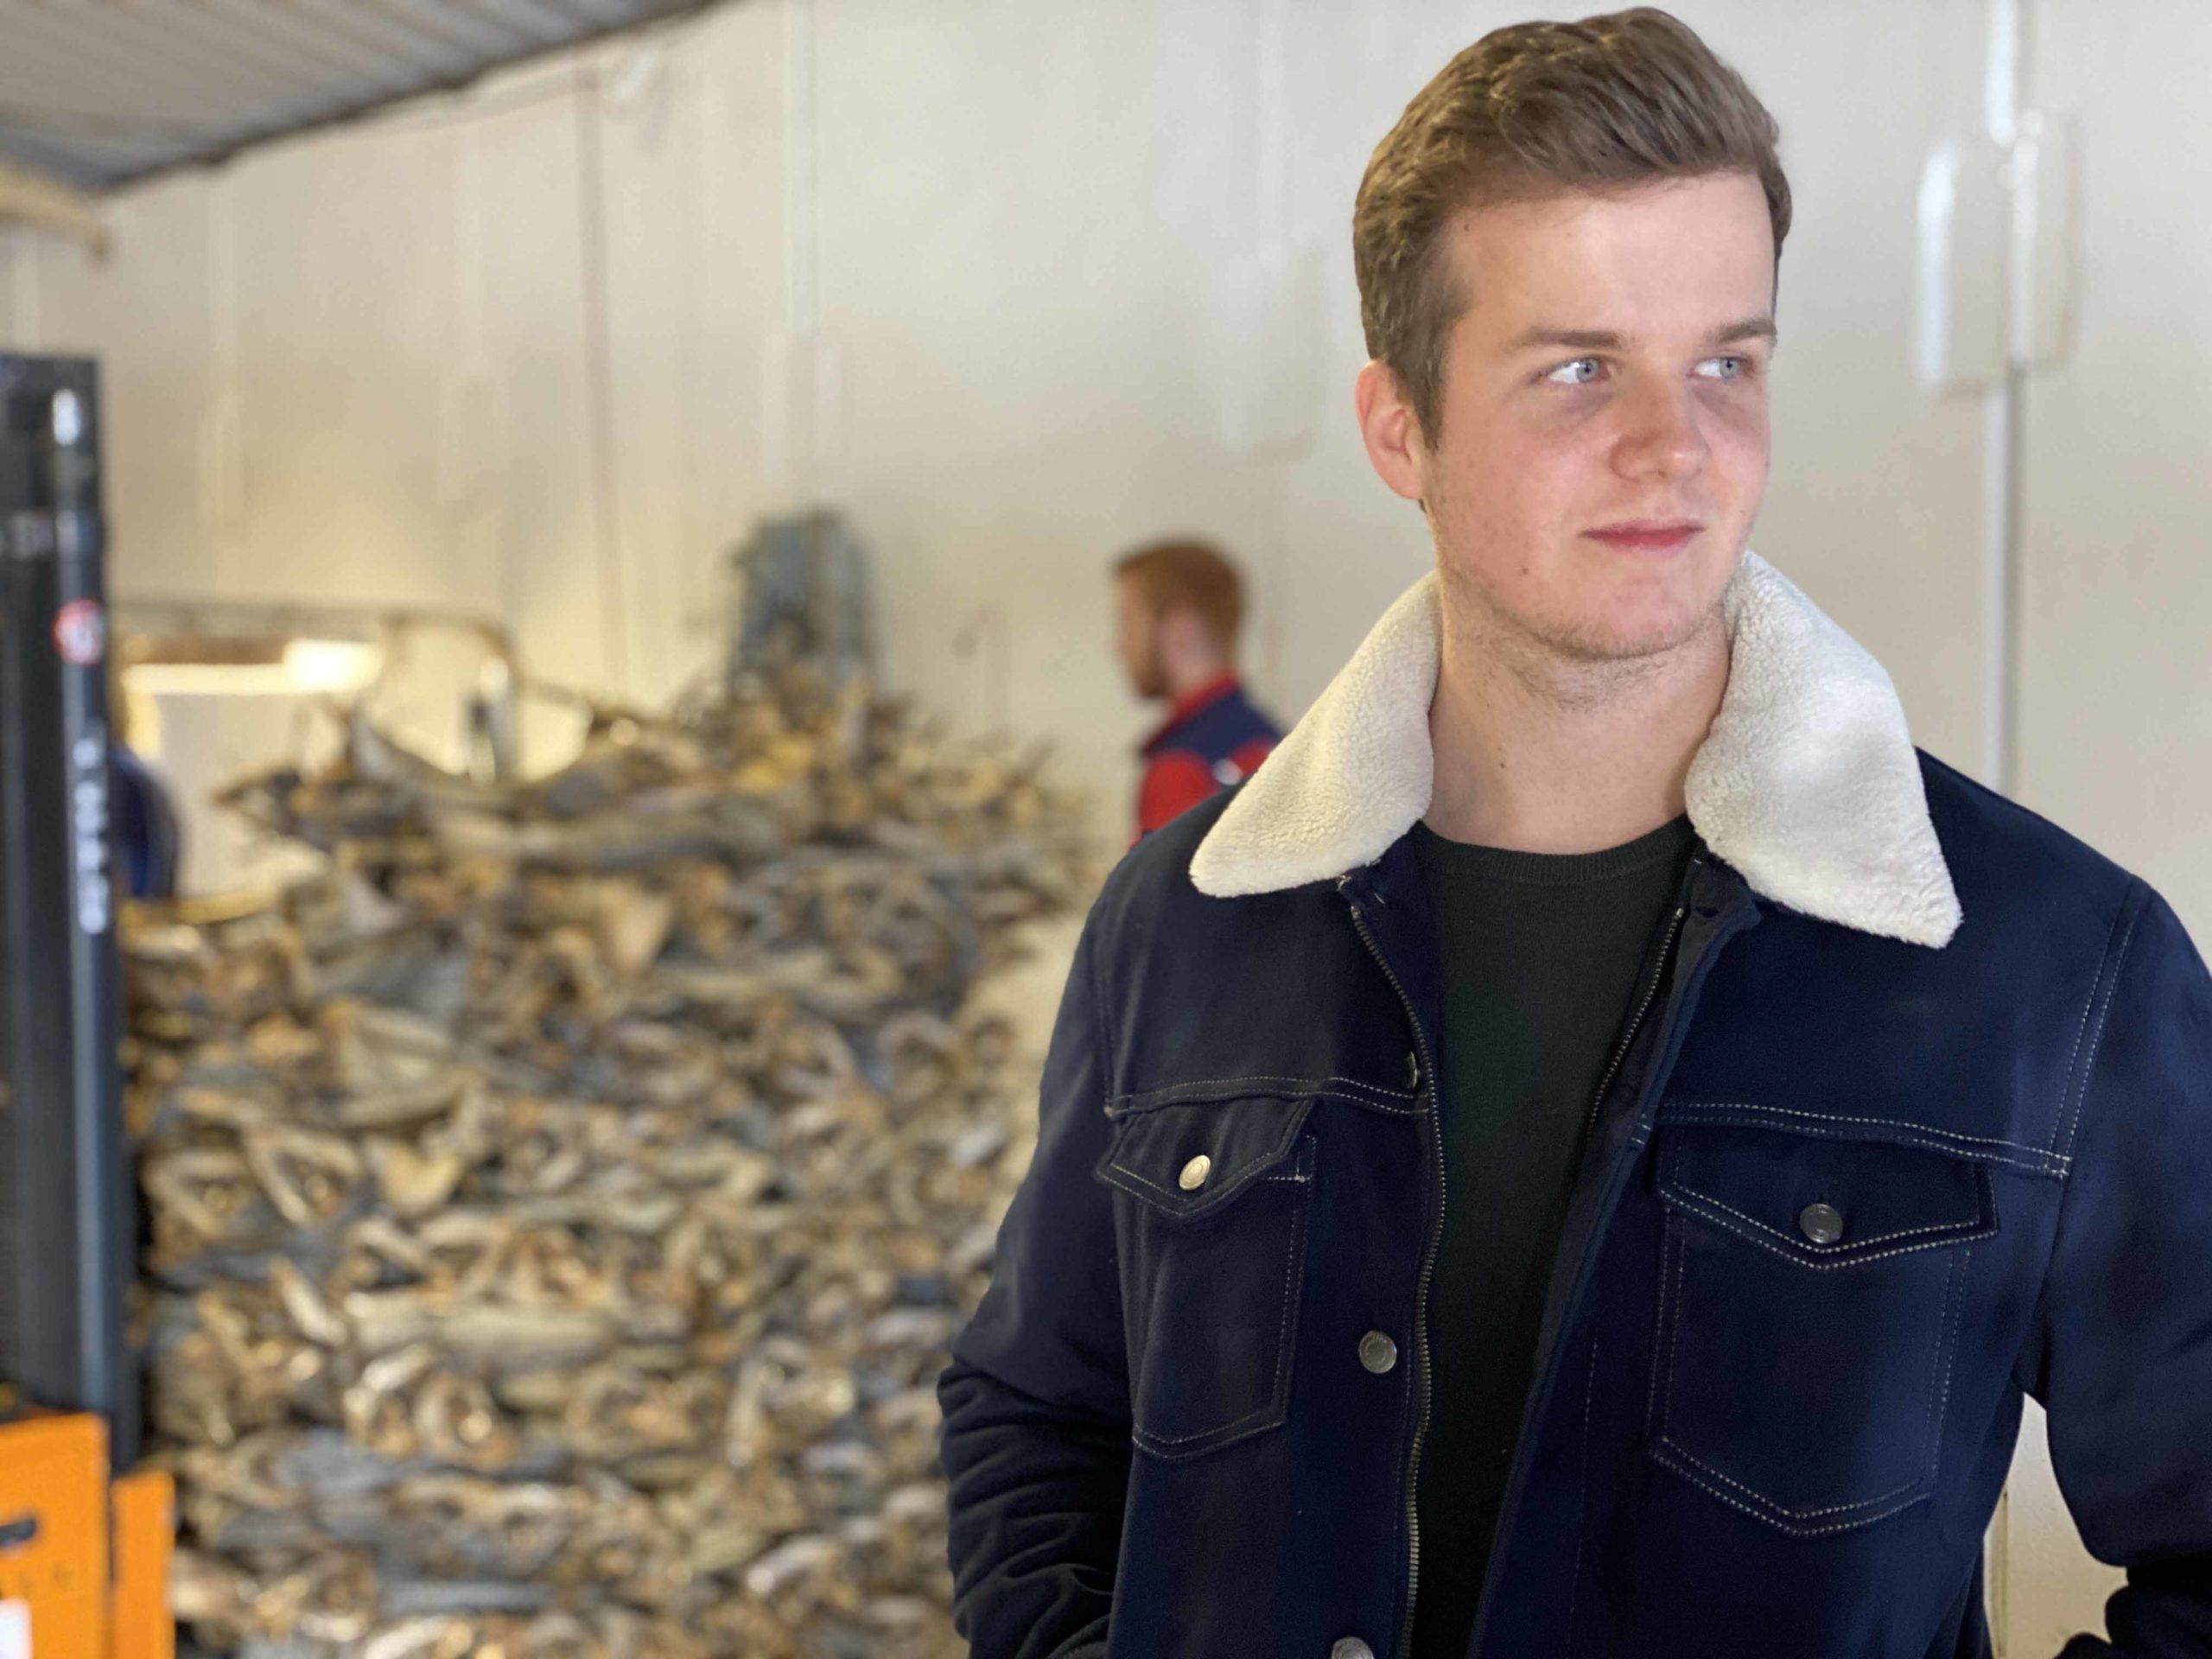 Fredrik Greger er valgt inn i det nye styret til næringsforeningen på Røst